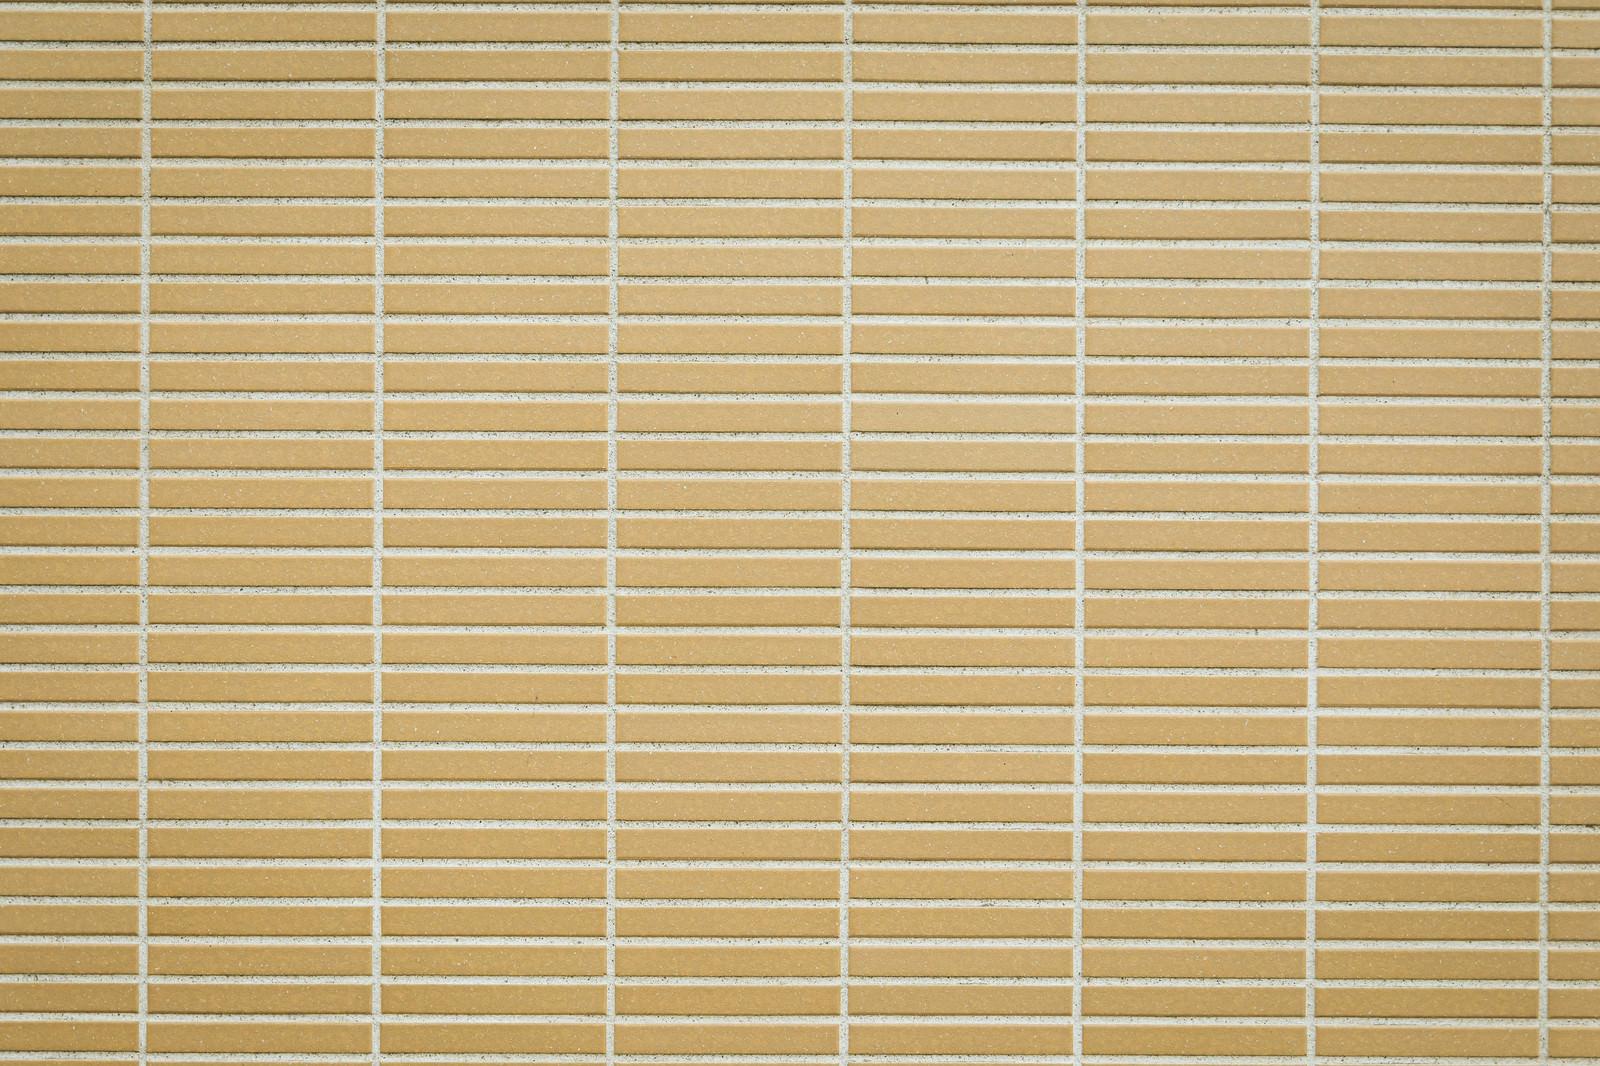 「細長四角のタイル壁」の写真